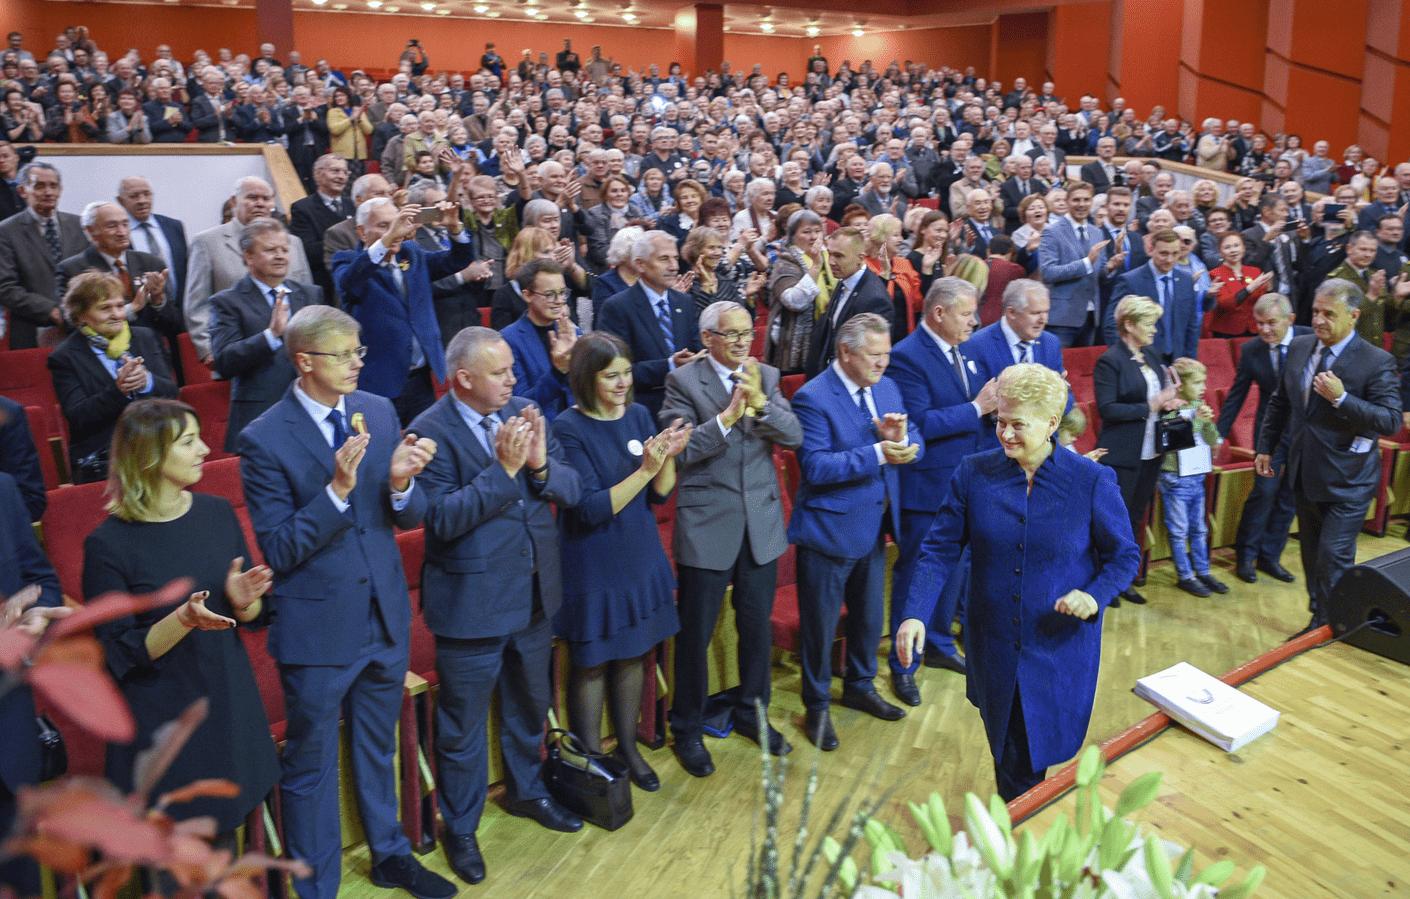 Ovacijomis ir audringais plojimais pasitikta prezidentė D. Grybauskaitė: Jūs patikėjote manimi, aš patikėjau Jumis